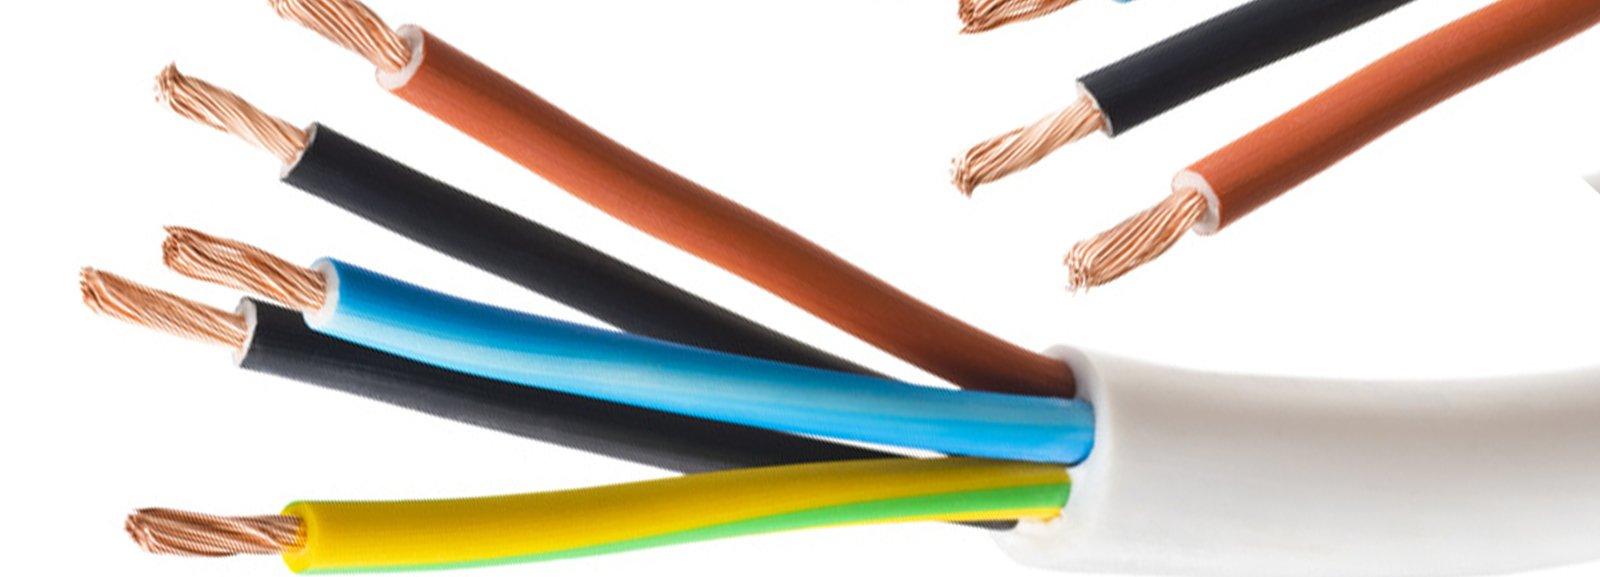 Tre risposte sull 39 impianto elettrico cose di casa - Colori dei fili impianto elettrico casa ...